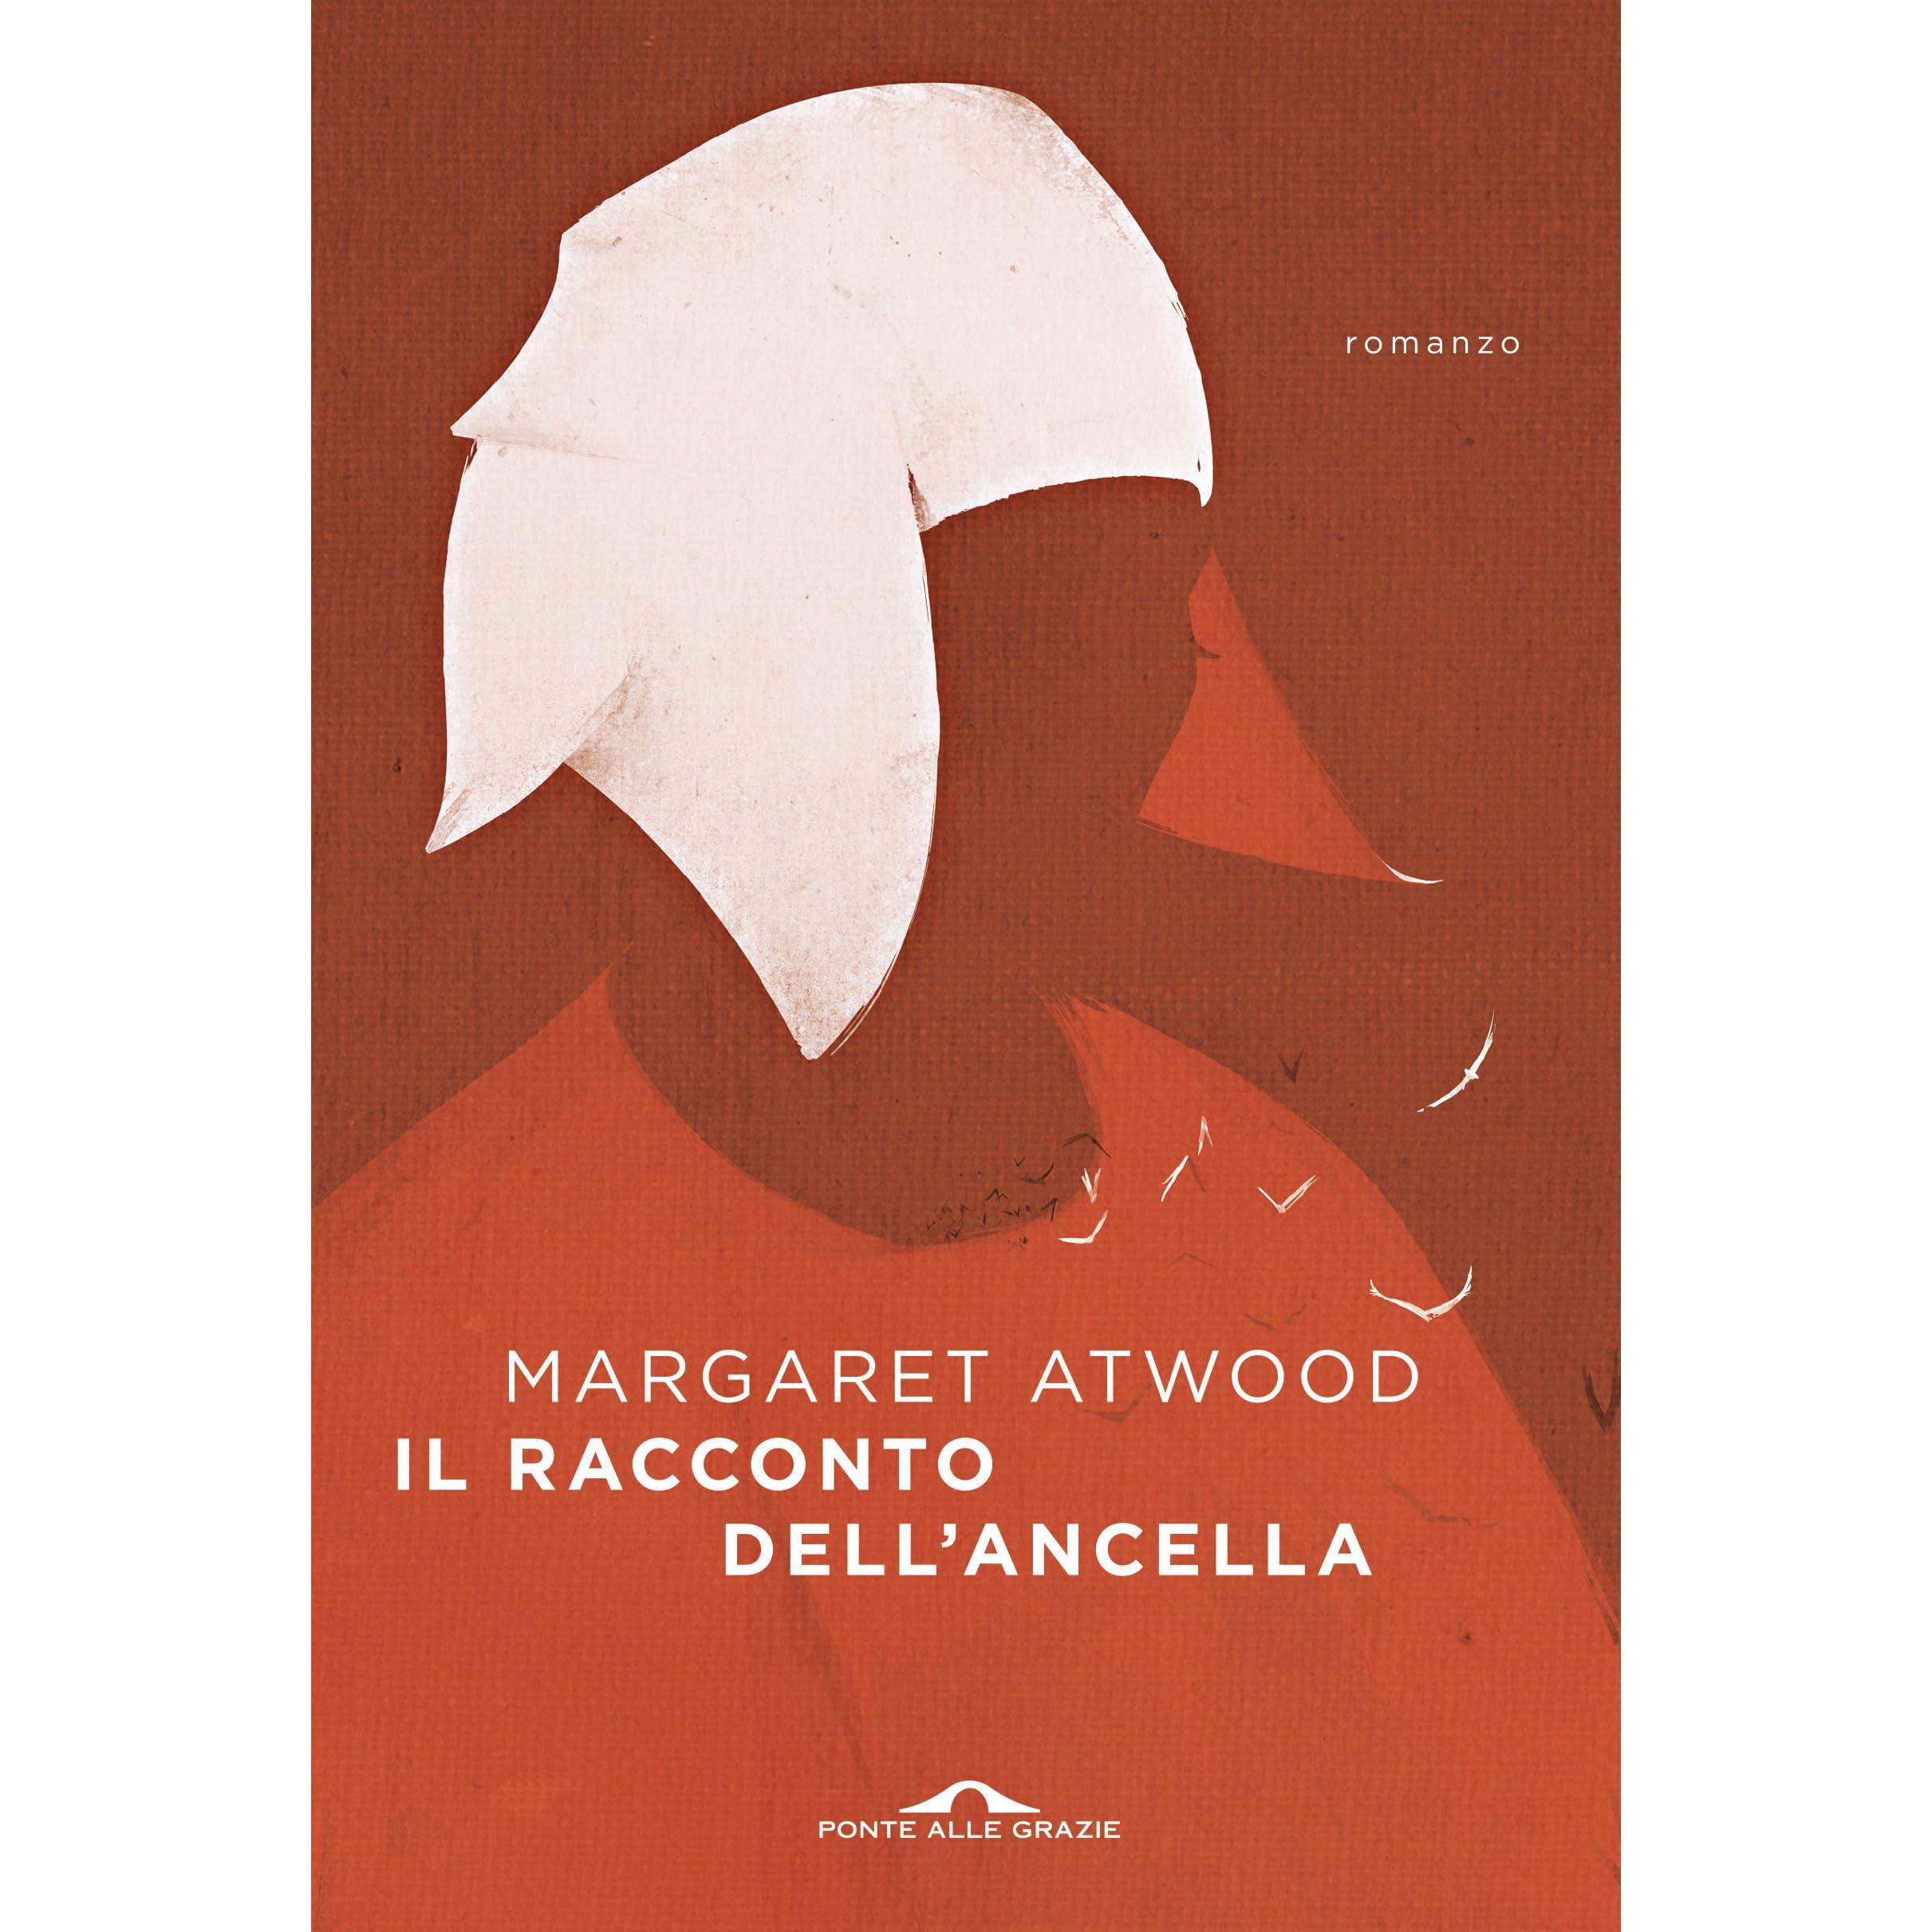 Margaret Atwood Il Racconto Dell Ancella.Luca Ambrosino S Review Of Il Racconto Dell Ancella